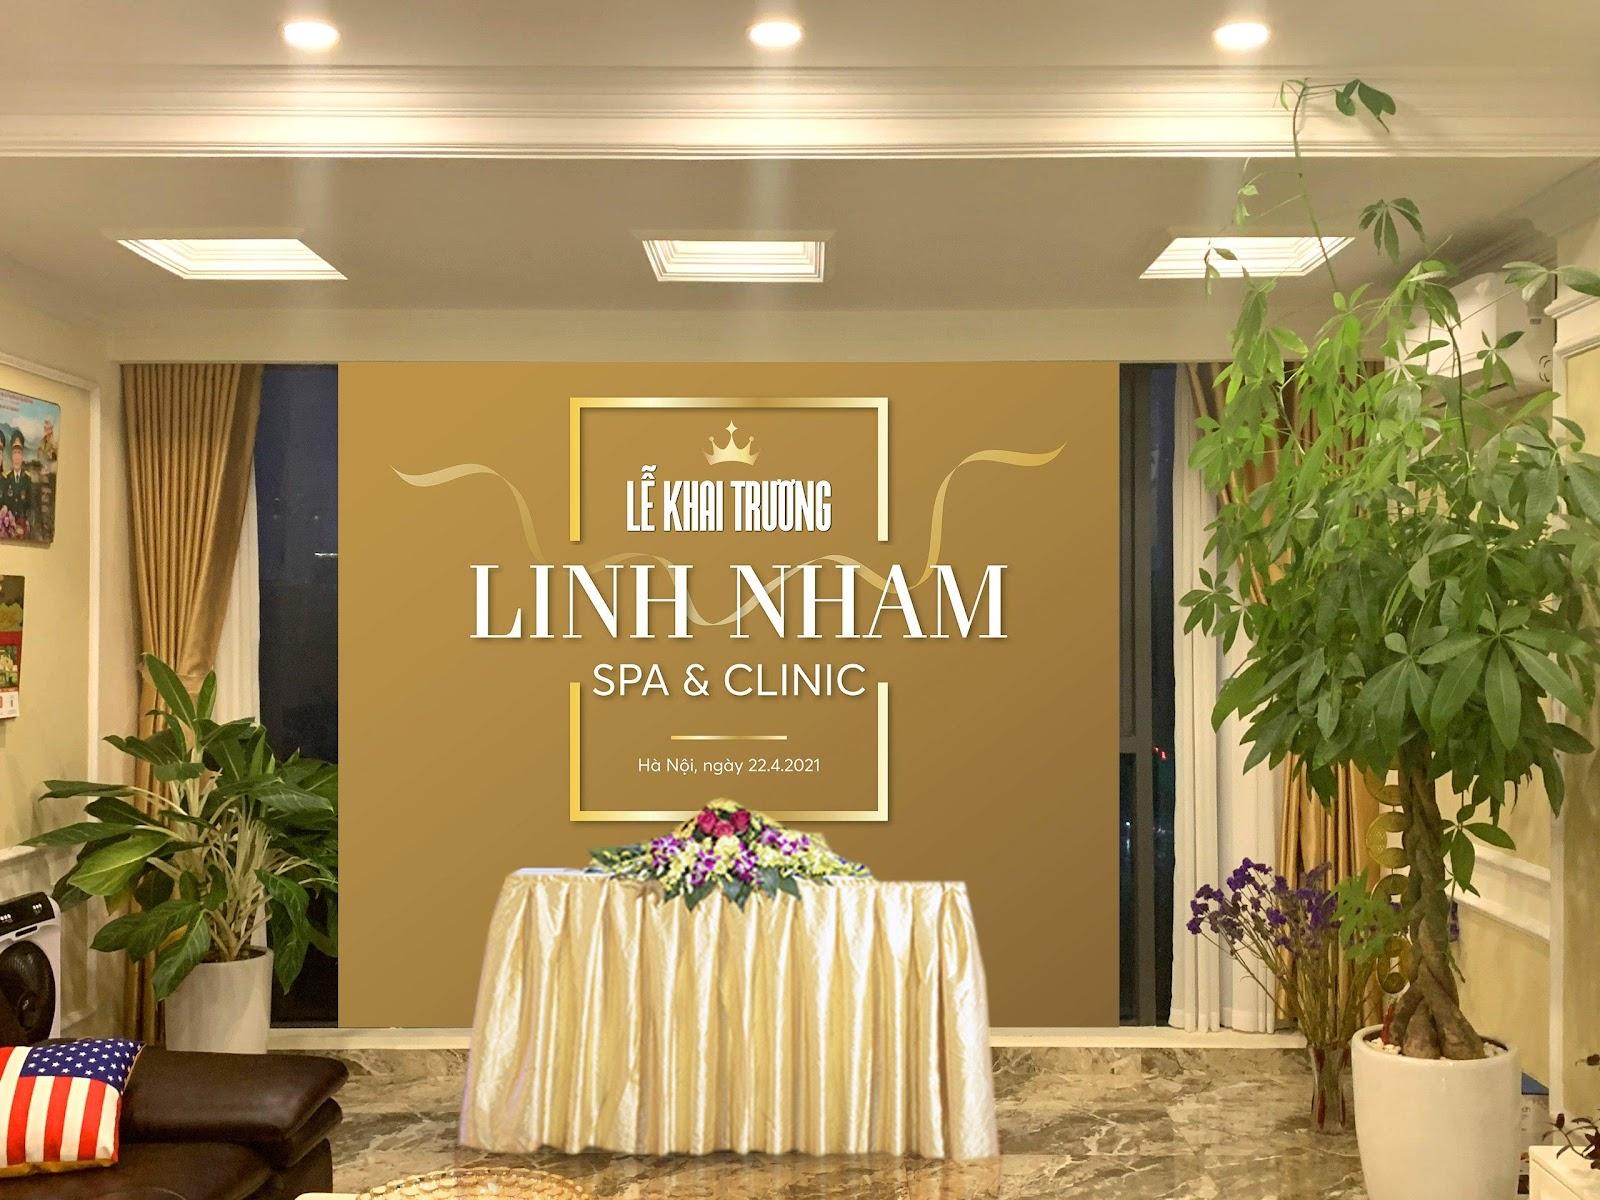 Linh Nham Group tiếp tục khẳng định uy tín của mình qua chuỗi cơ sở Linh Nham Spa&Clinic - Ảnh 1